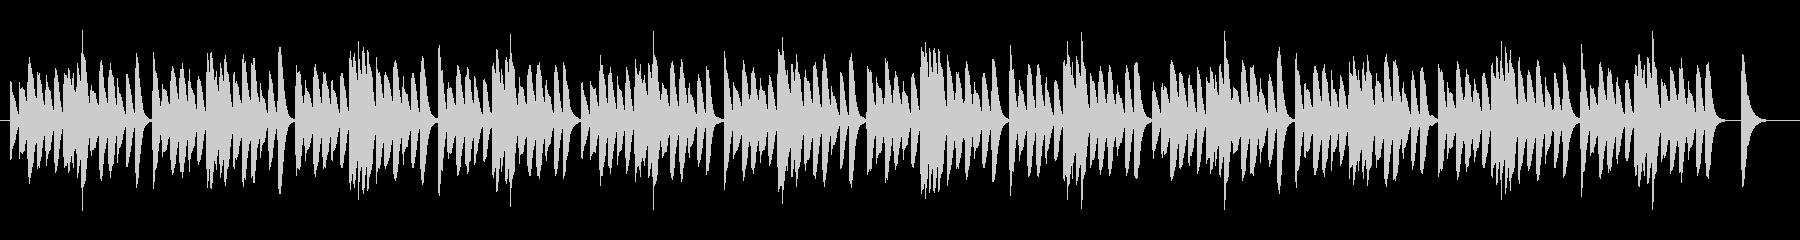 ピアノ/木琴/ほのぼのシンプル日常BGMの未再生の波形